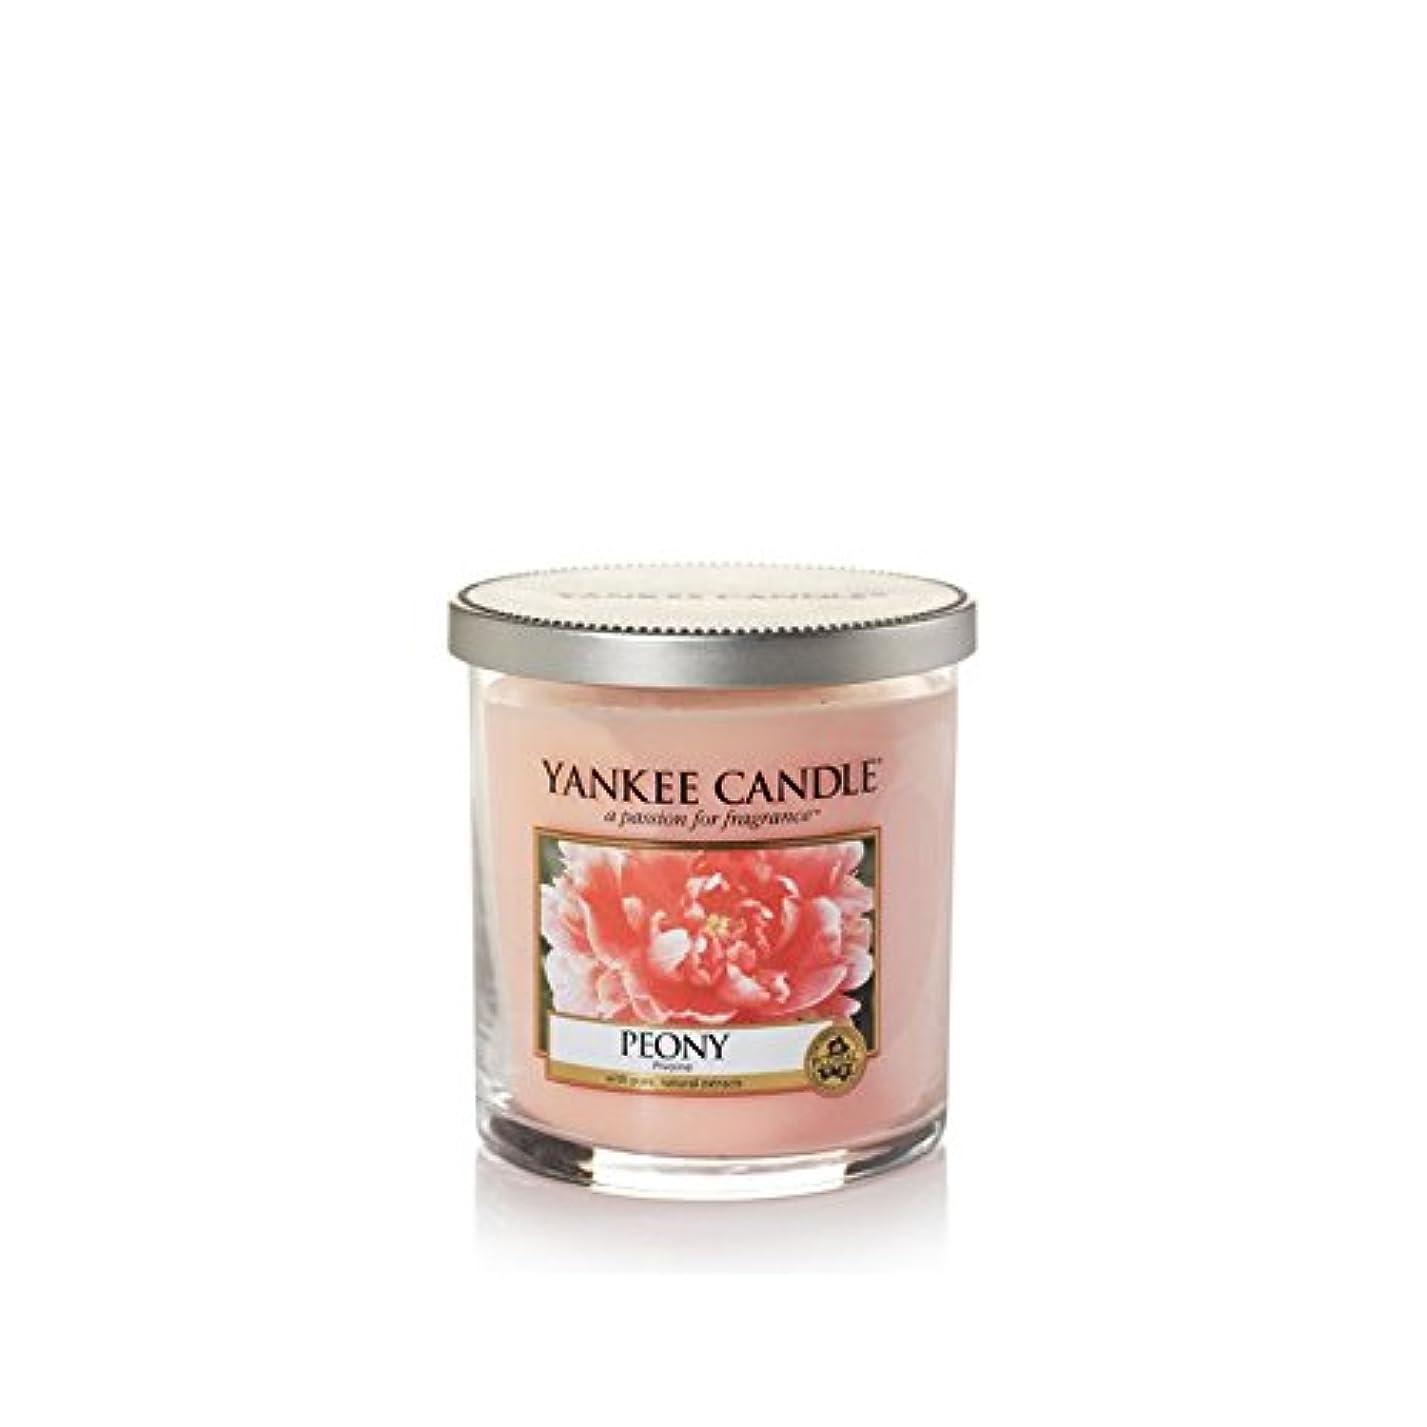 混合した排除令状Yankee Candles Small Pillar Candle - Peony (Pack of 6) - ヤンキーキャンドルの小さな柱キャンドル - 牡丹 (x6) [並行輸入品]